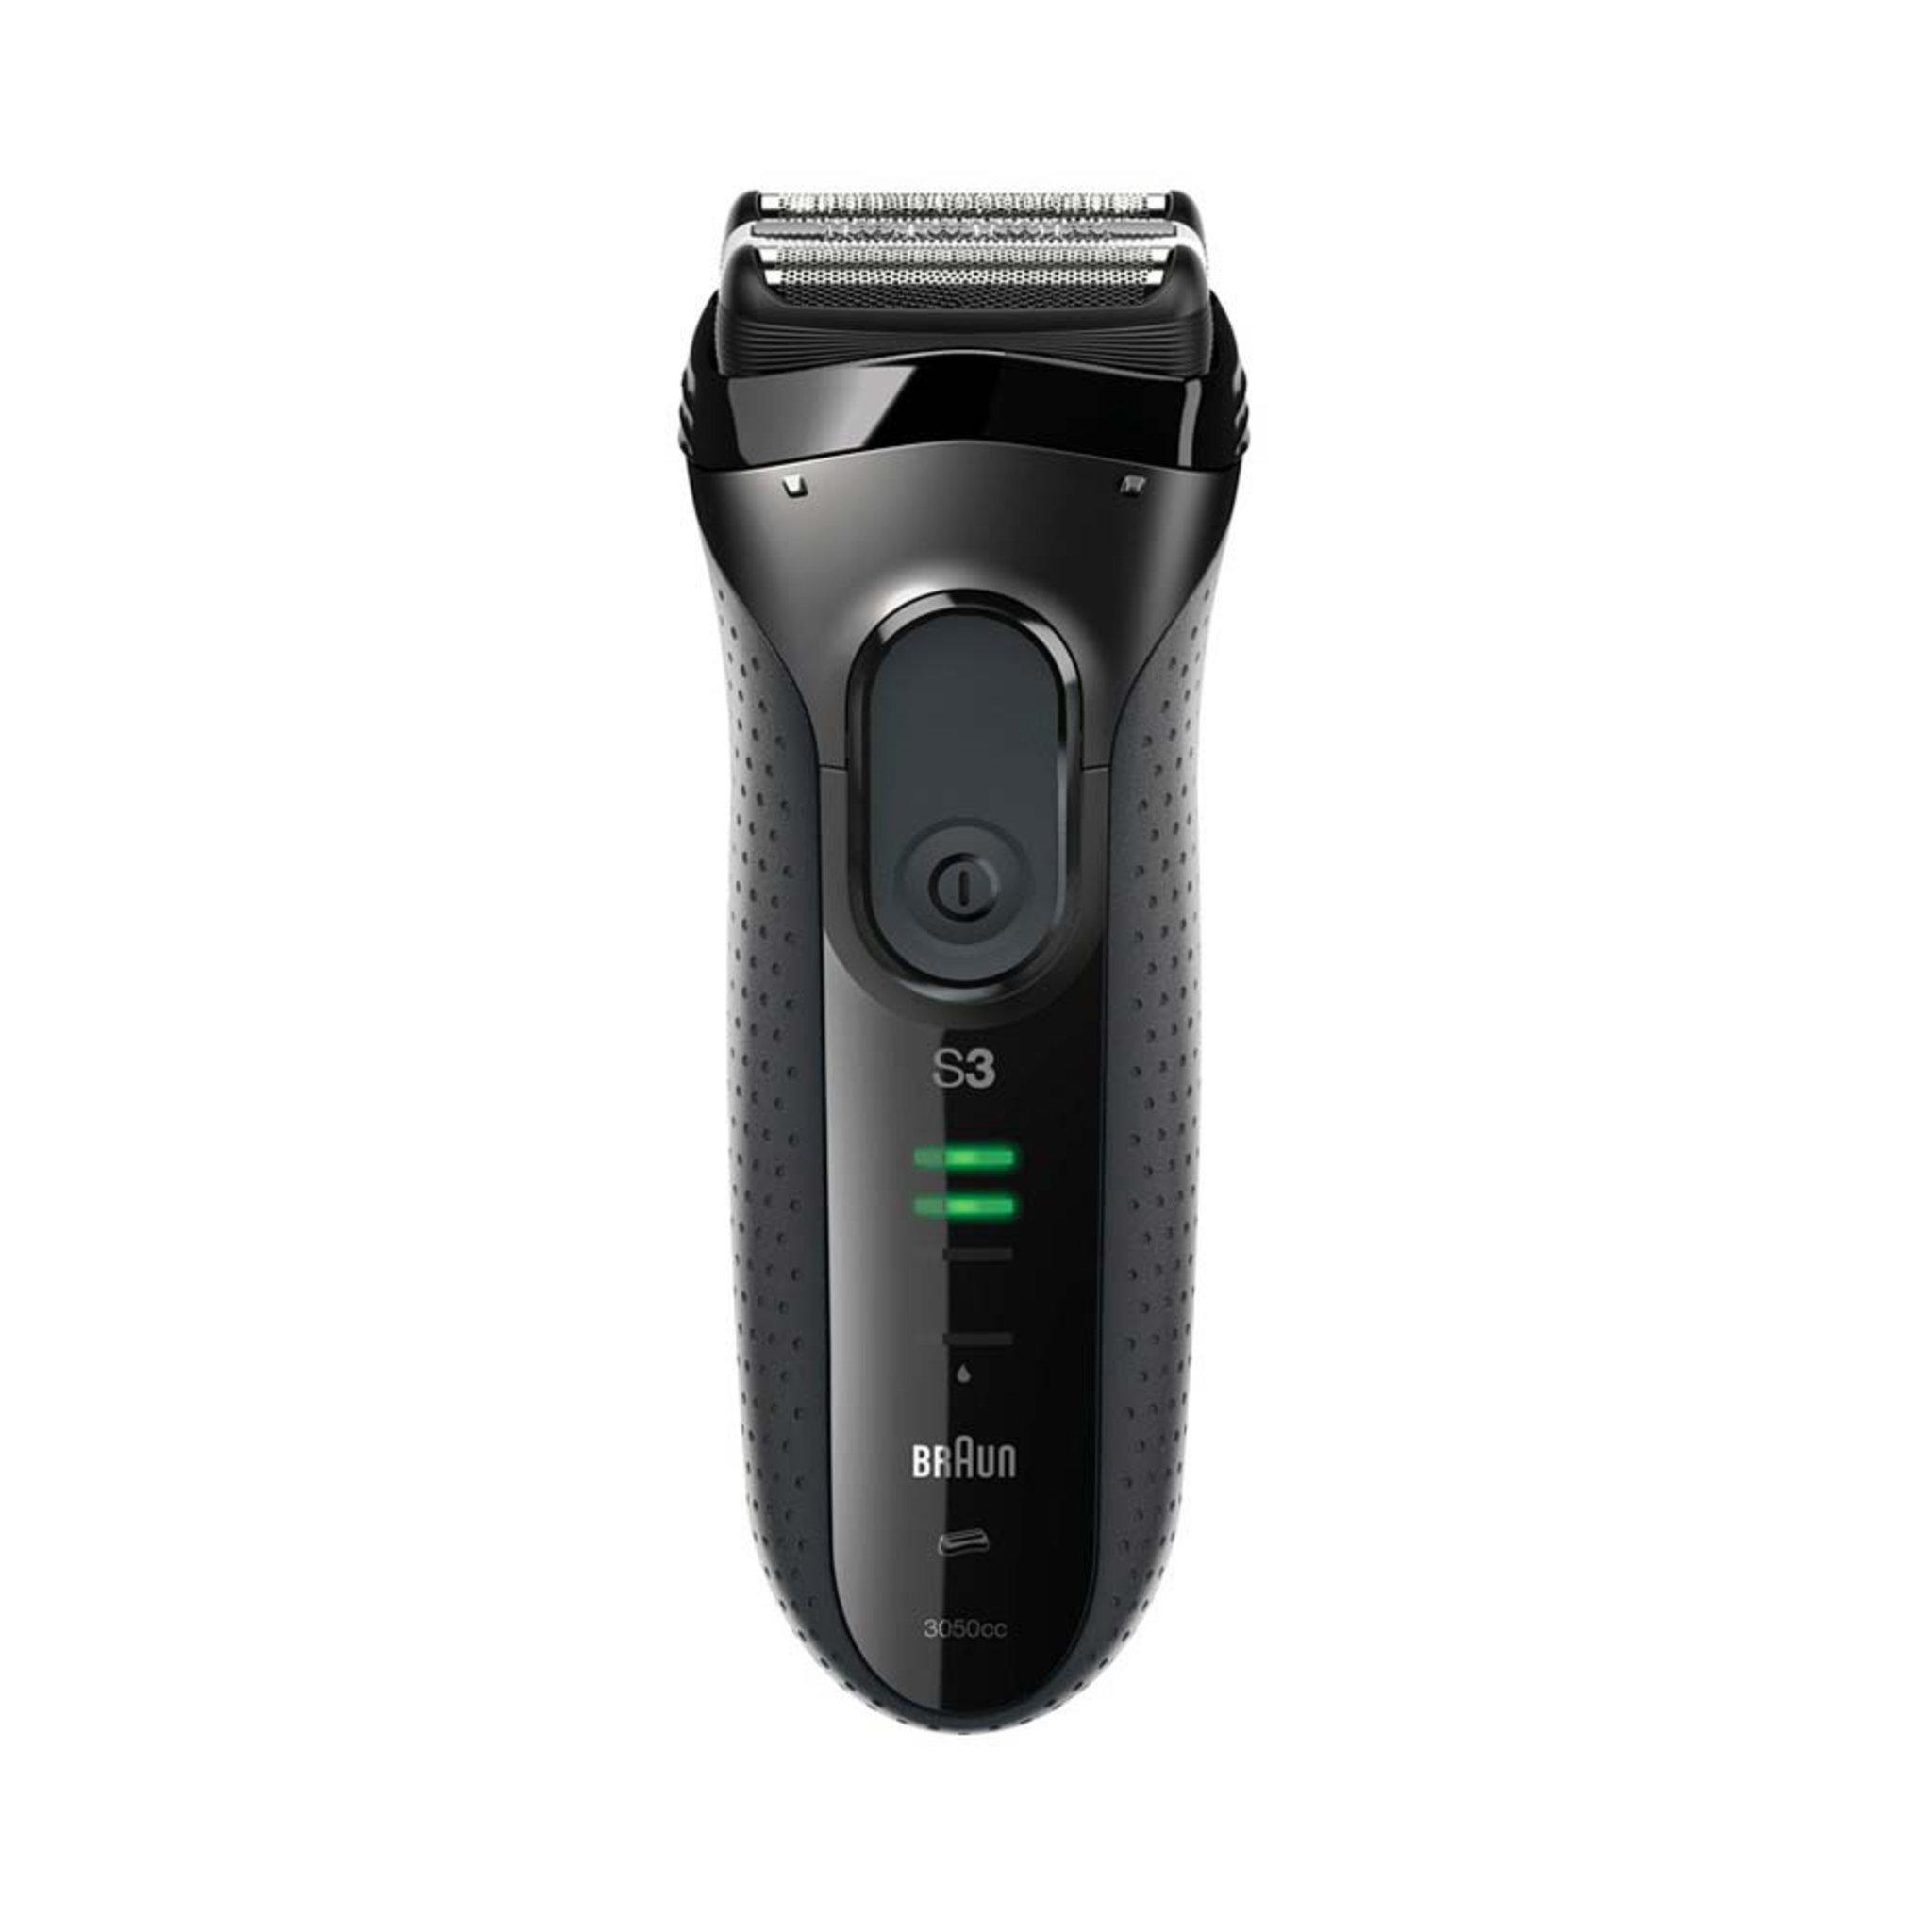 Rakapparat Series 3 Clean Charge - Rakning - Köp online på åhlens.se! 9420d27dd9101